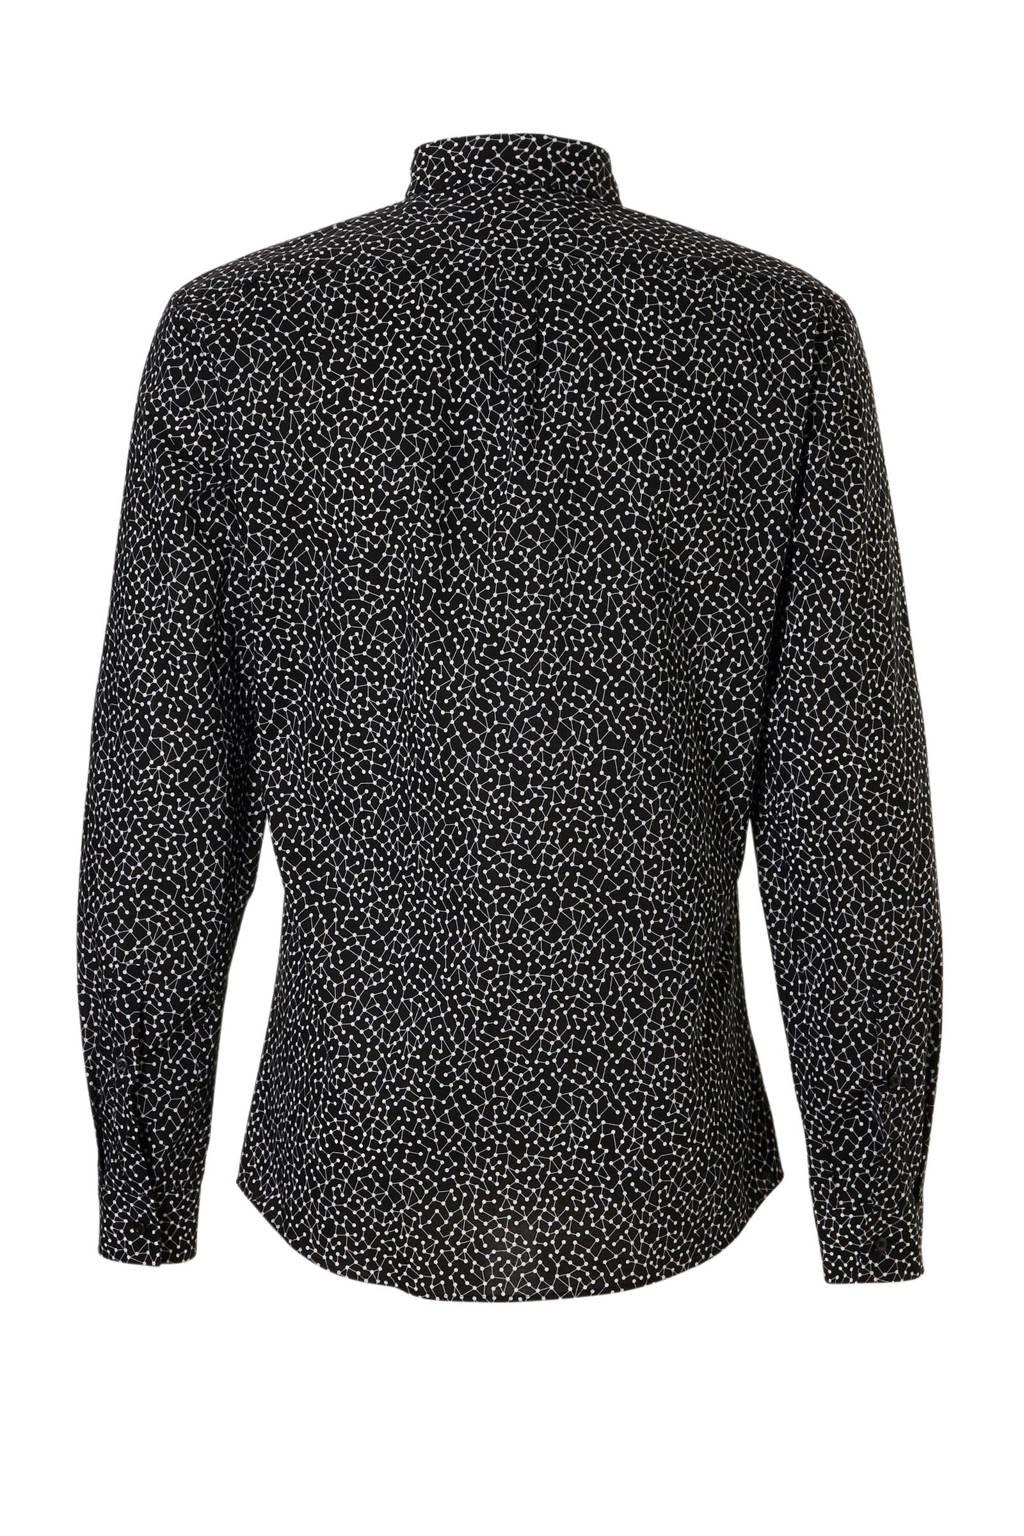 HUGO slim fit overhemd met print zwart, Zwart/wit